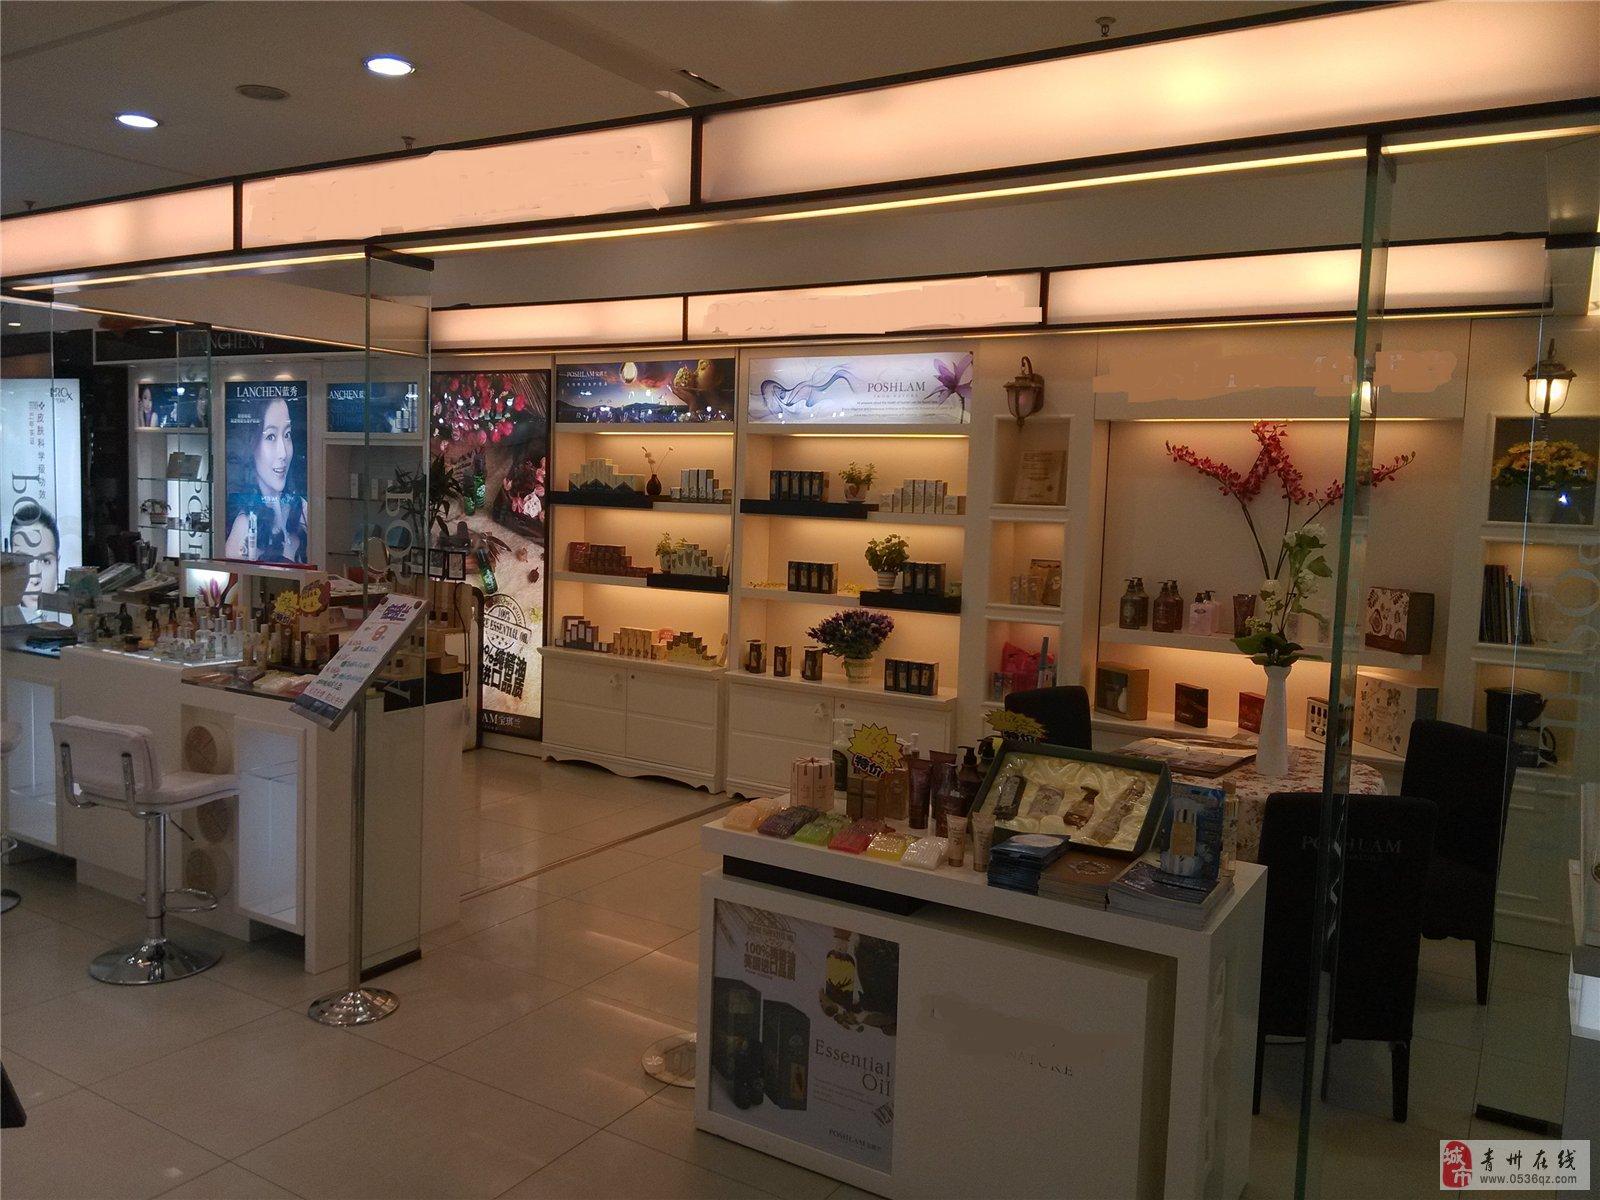 化妆品柜台效果图 化妆品柜台效果图 玉器店柜台效果图高清图片